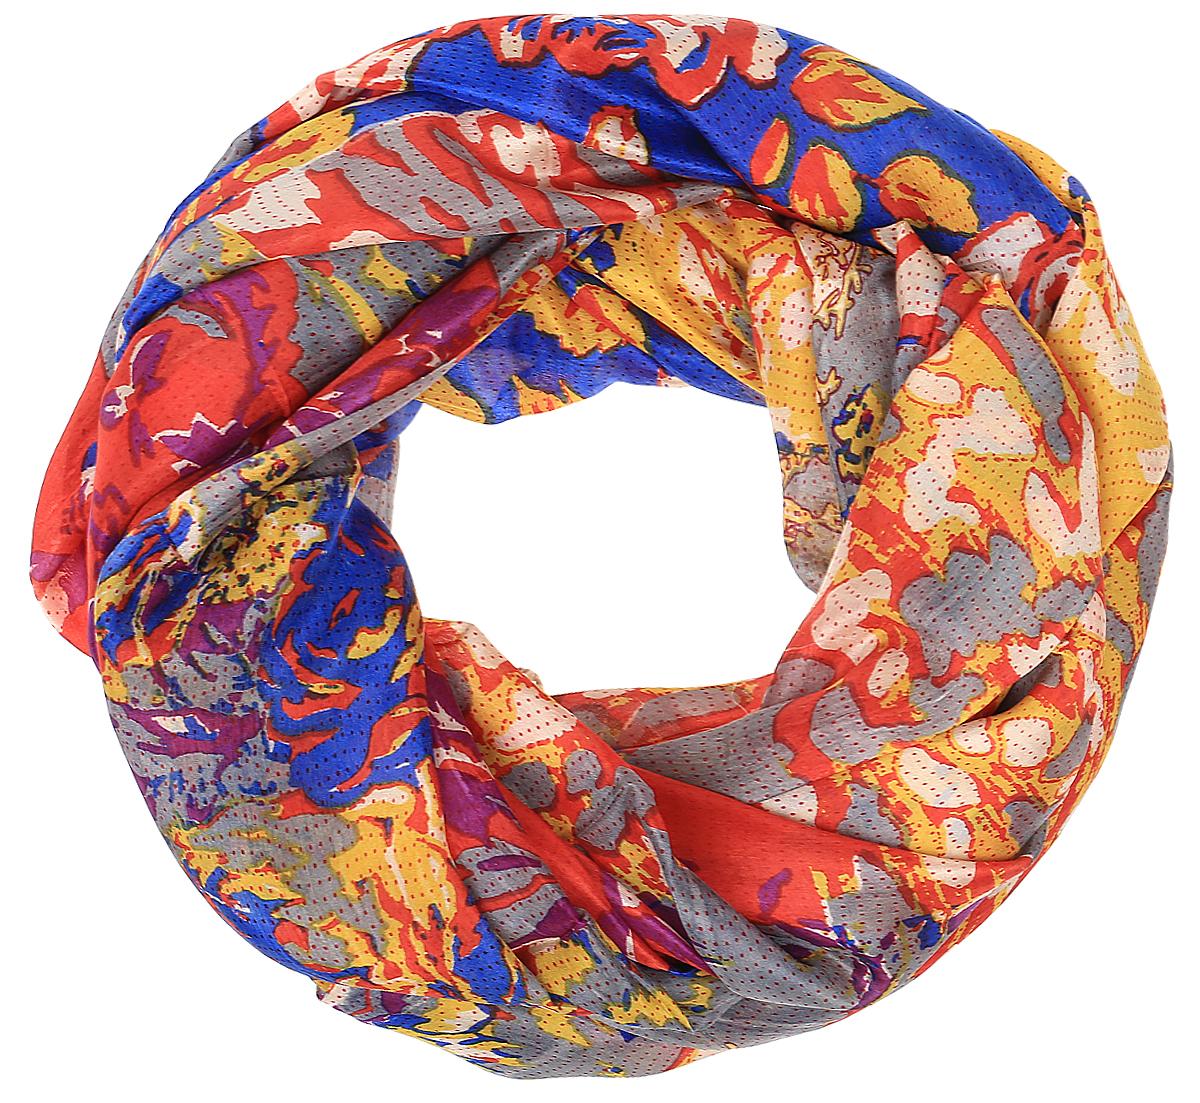 Палантин женский Michel Katana, цвет: синий, красный, желтый. S30-DENSE.FLORAL/LILAC. Размер 110 x 180 смS30-DENSE.FLORAL/LILACСтильный женский палантин от Michel Katana станет великолепным завершением любого наряда. Палантин изготовлен из шелка и оформлен ярким принтом. По краям модель дополнена неширокой бахромой. Изящный палантин поможет вам создать изысканный женственный образ, а также согреет в непогоду.